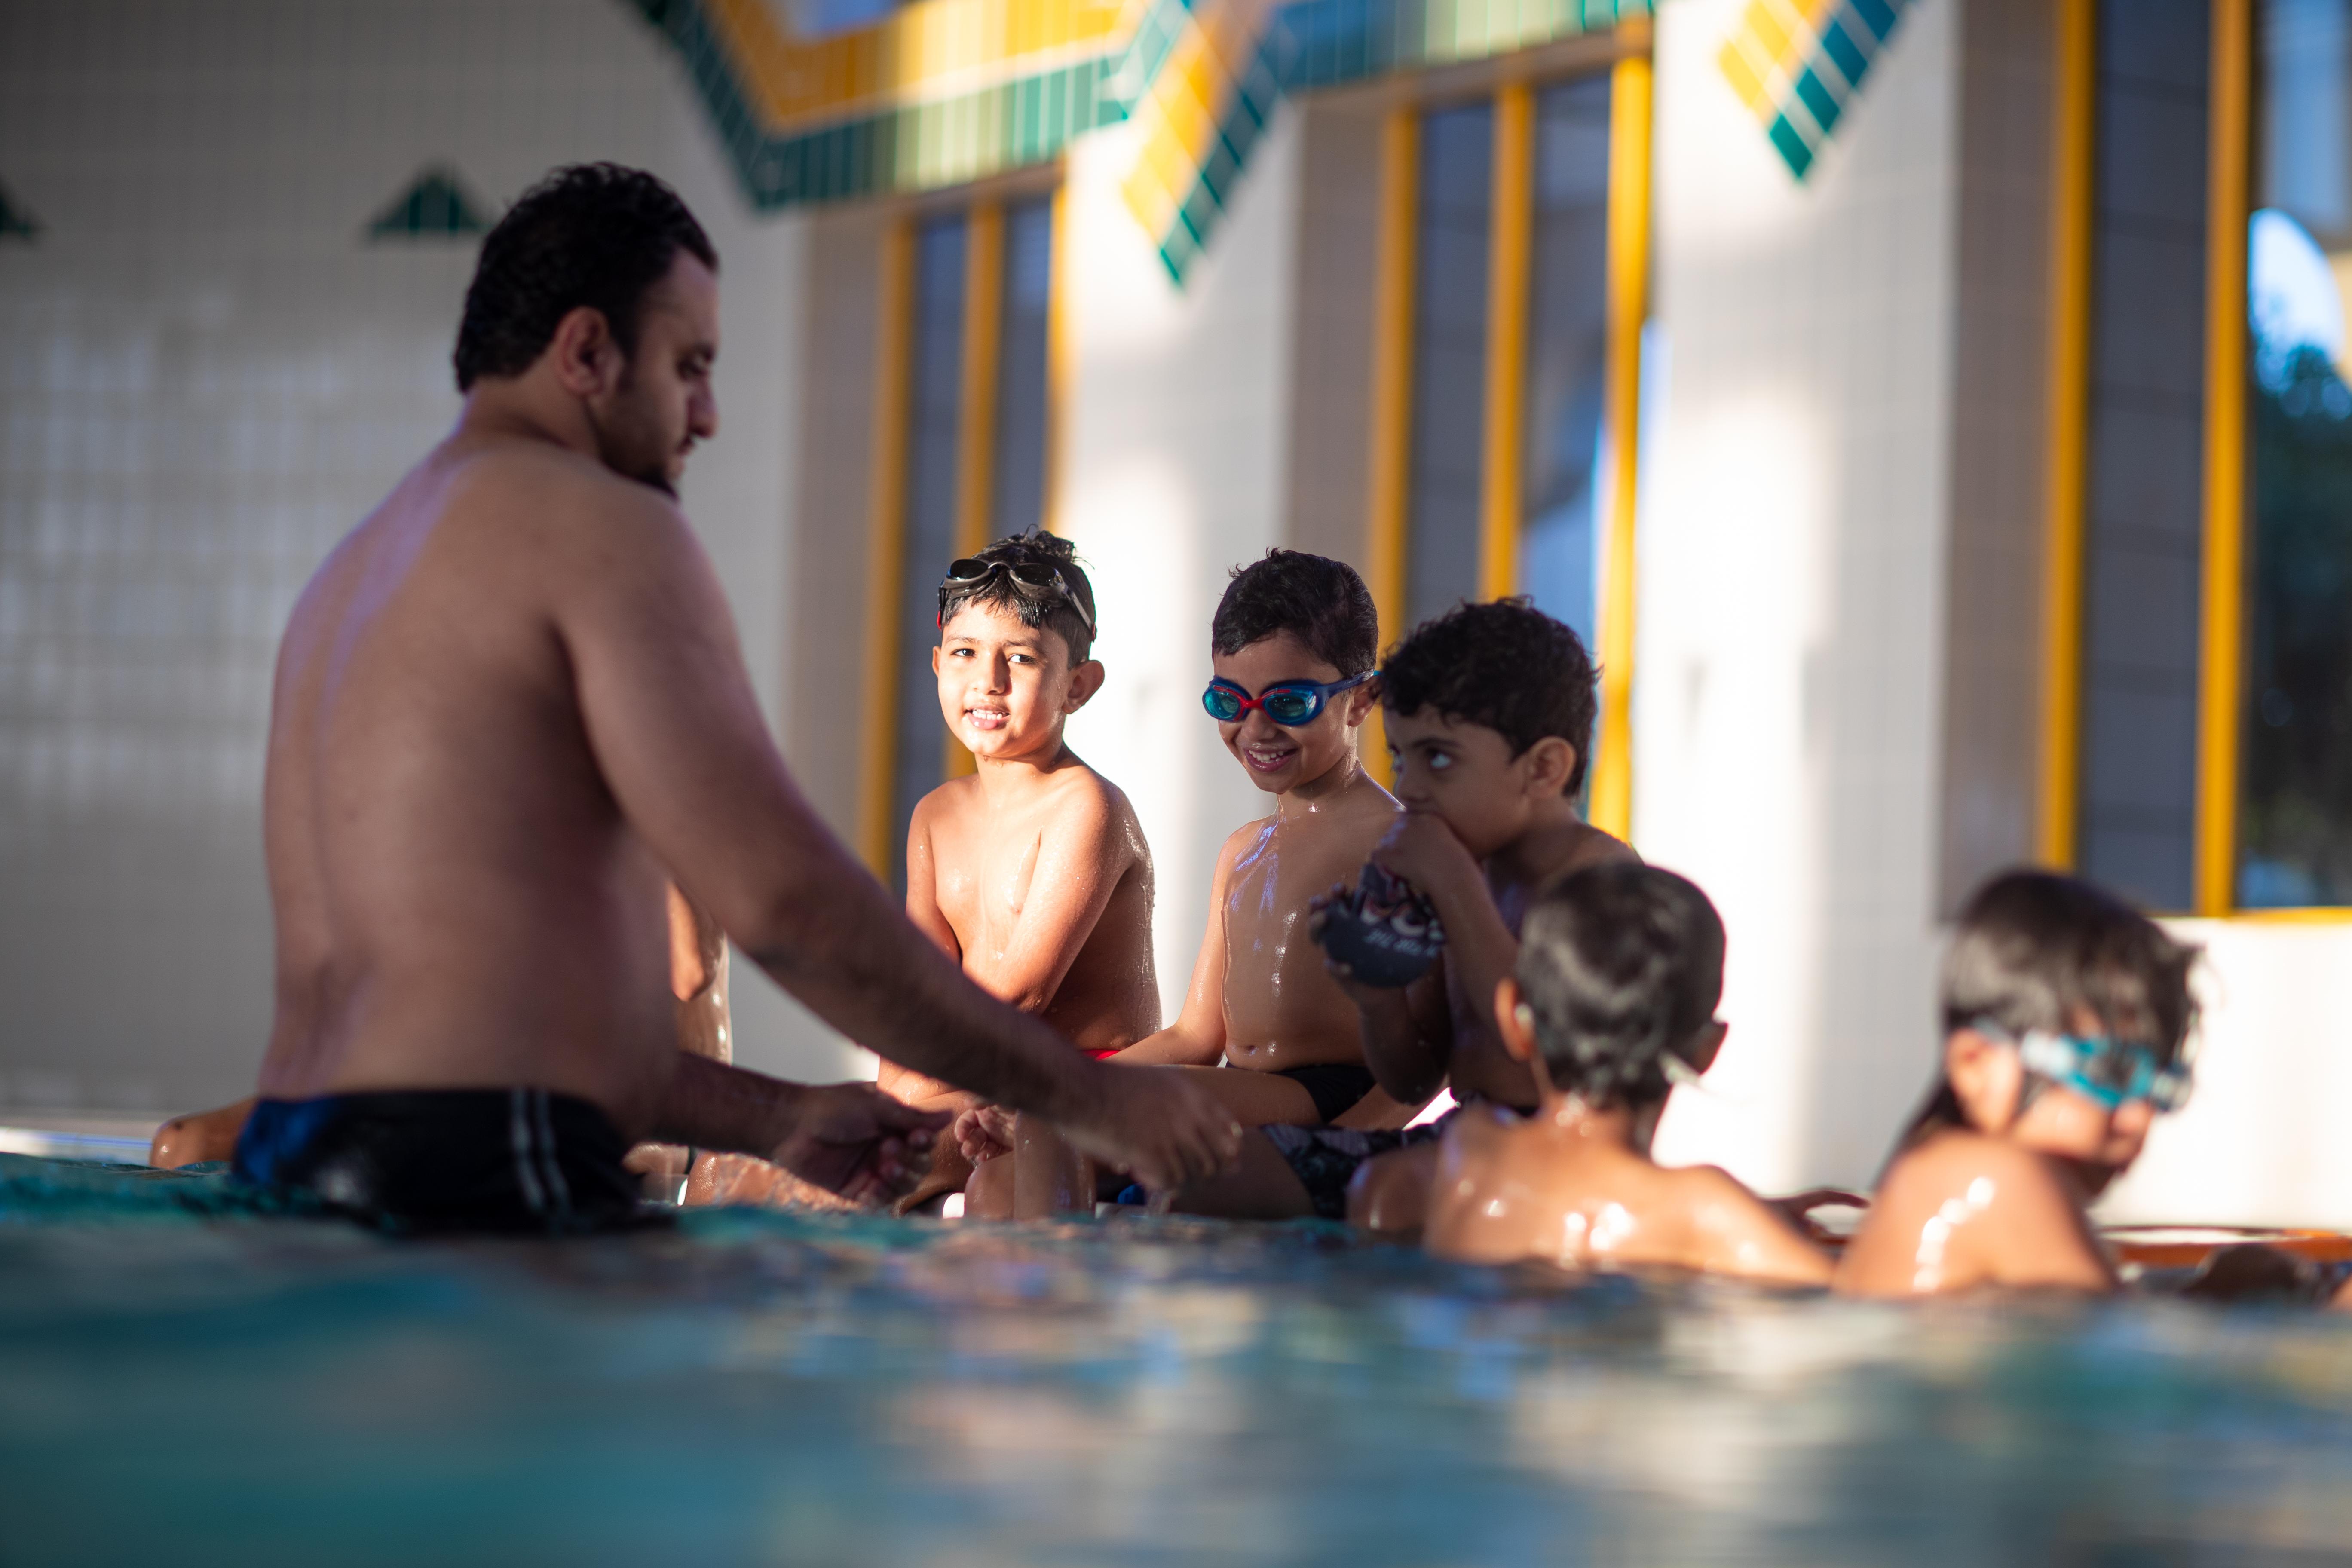 تغطية مصورة .. دورات منتصف الفصل الدراسي بنادي الخليج